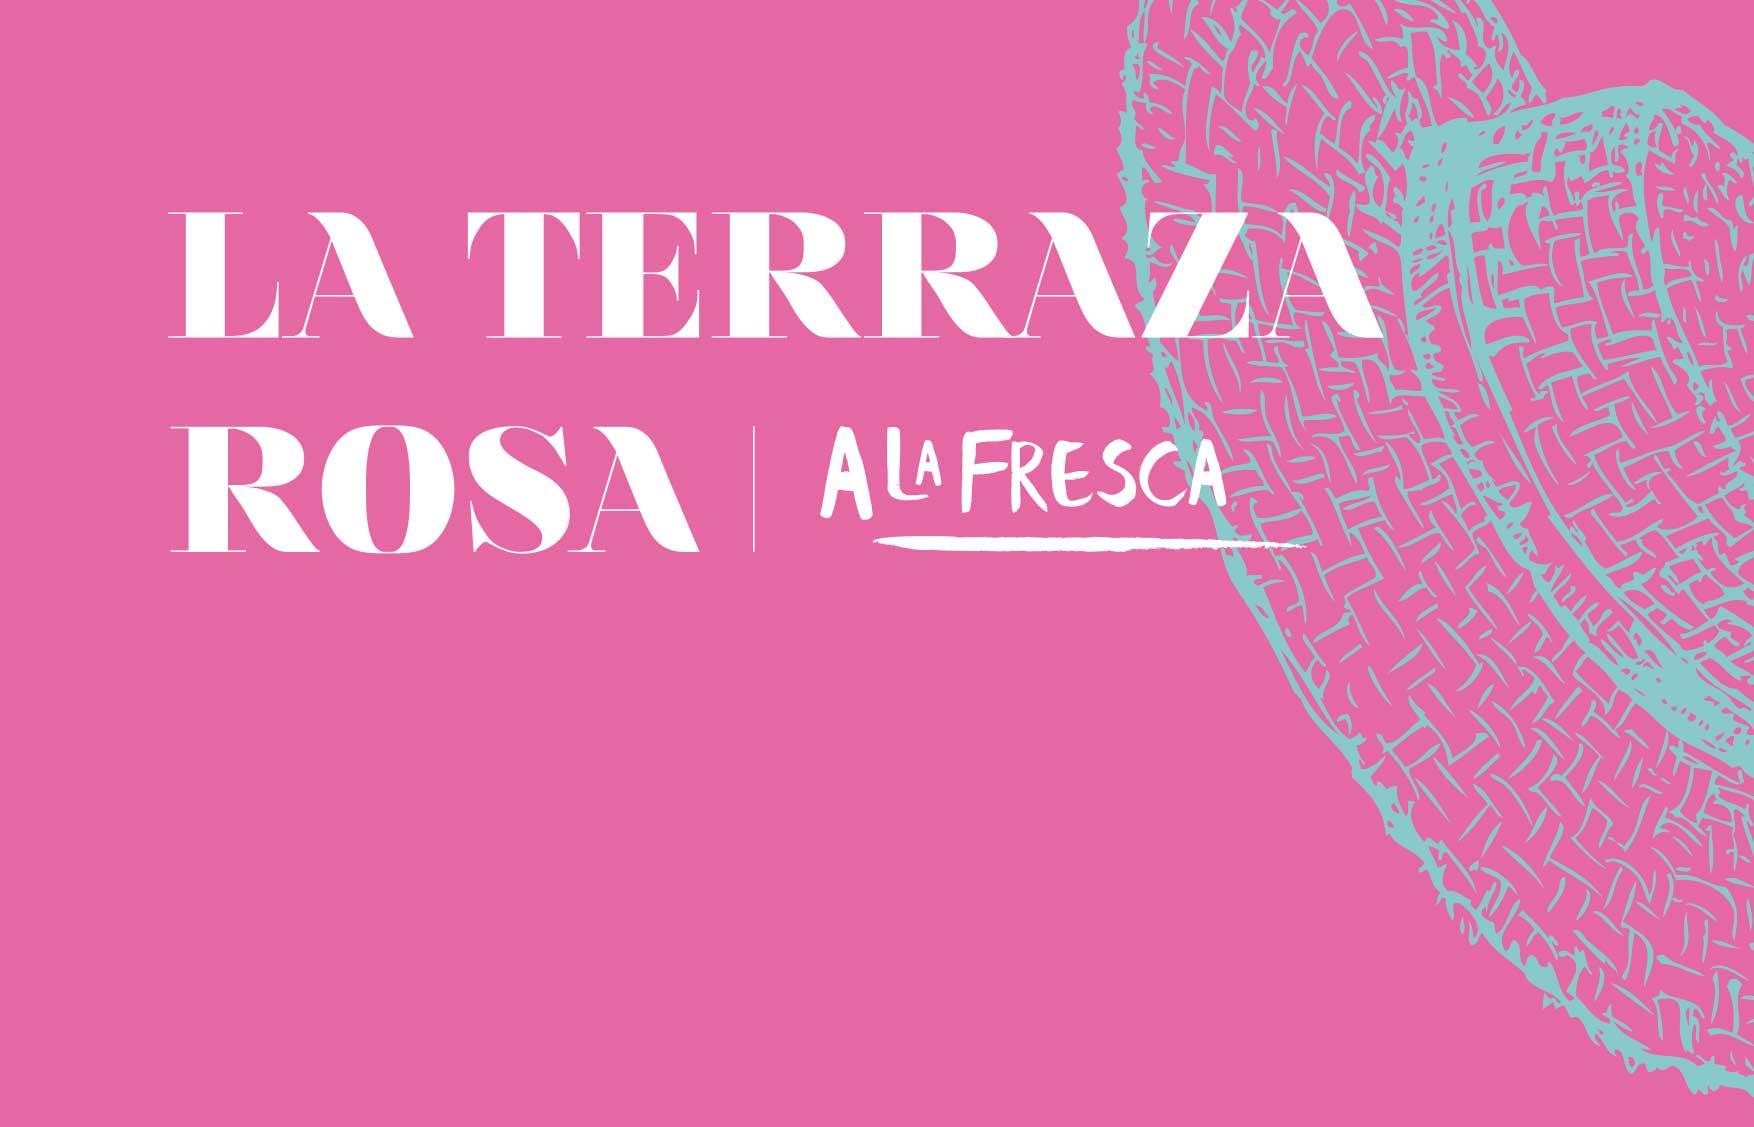 Carta-bebidas-y-combinados-La-Terraza-Rosa-de-A-la-fresca-Denia-10a